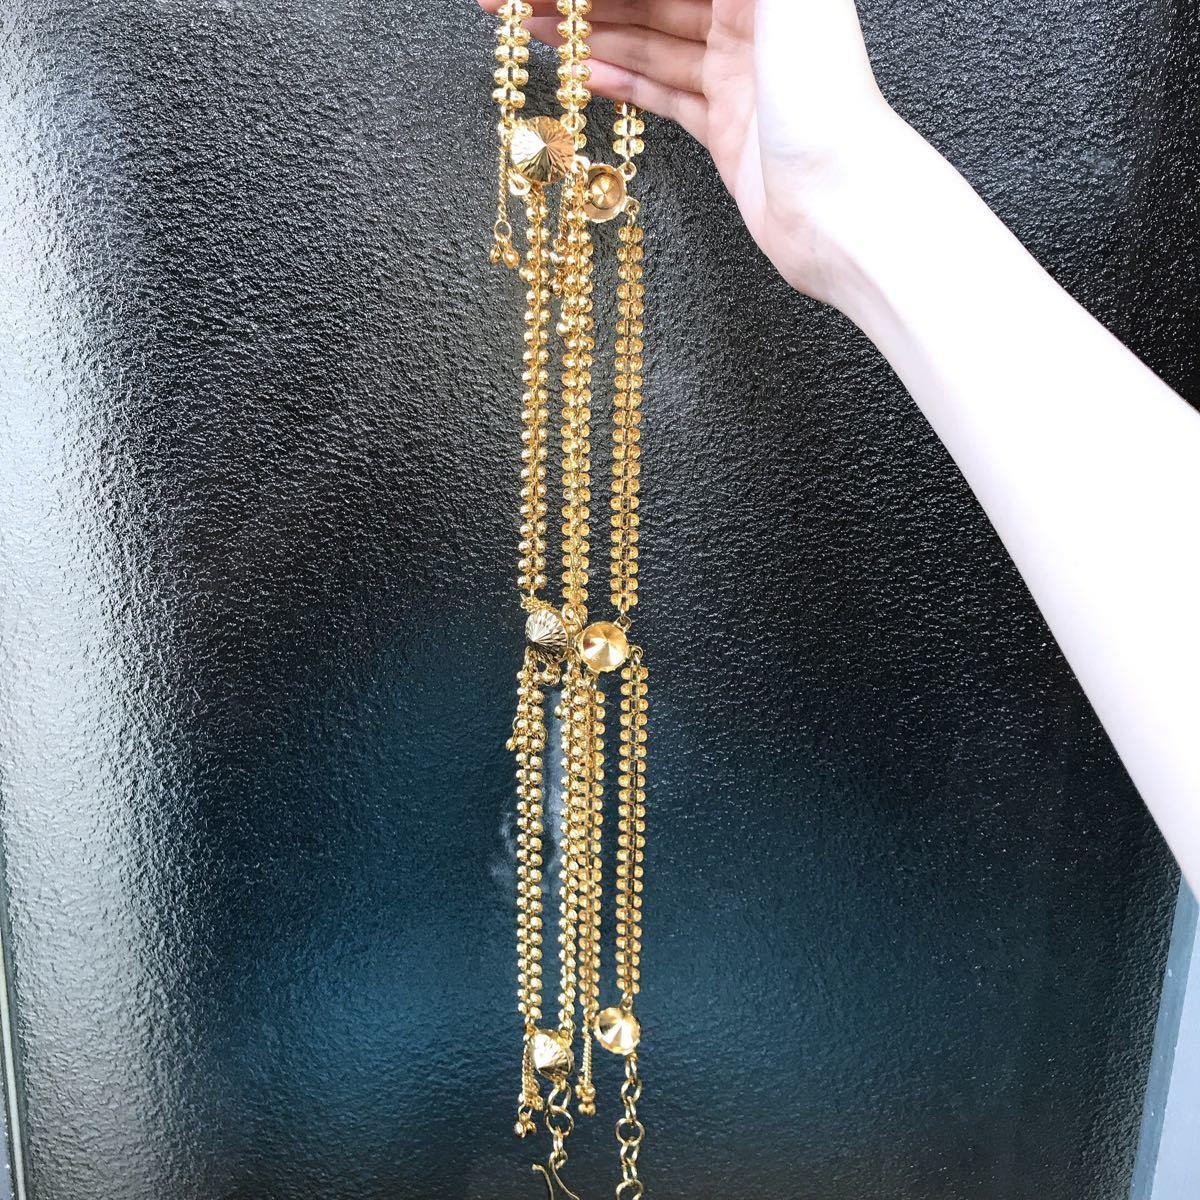 新品未使用ゴールドカラー2連フック式チェーンベルト